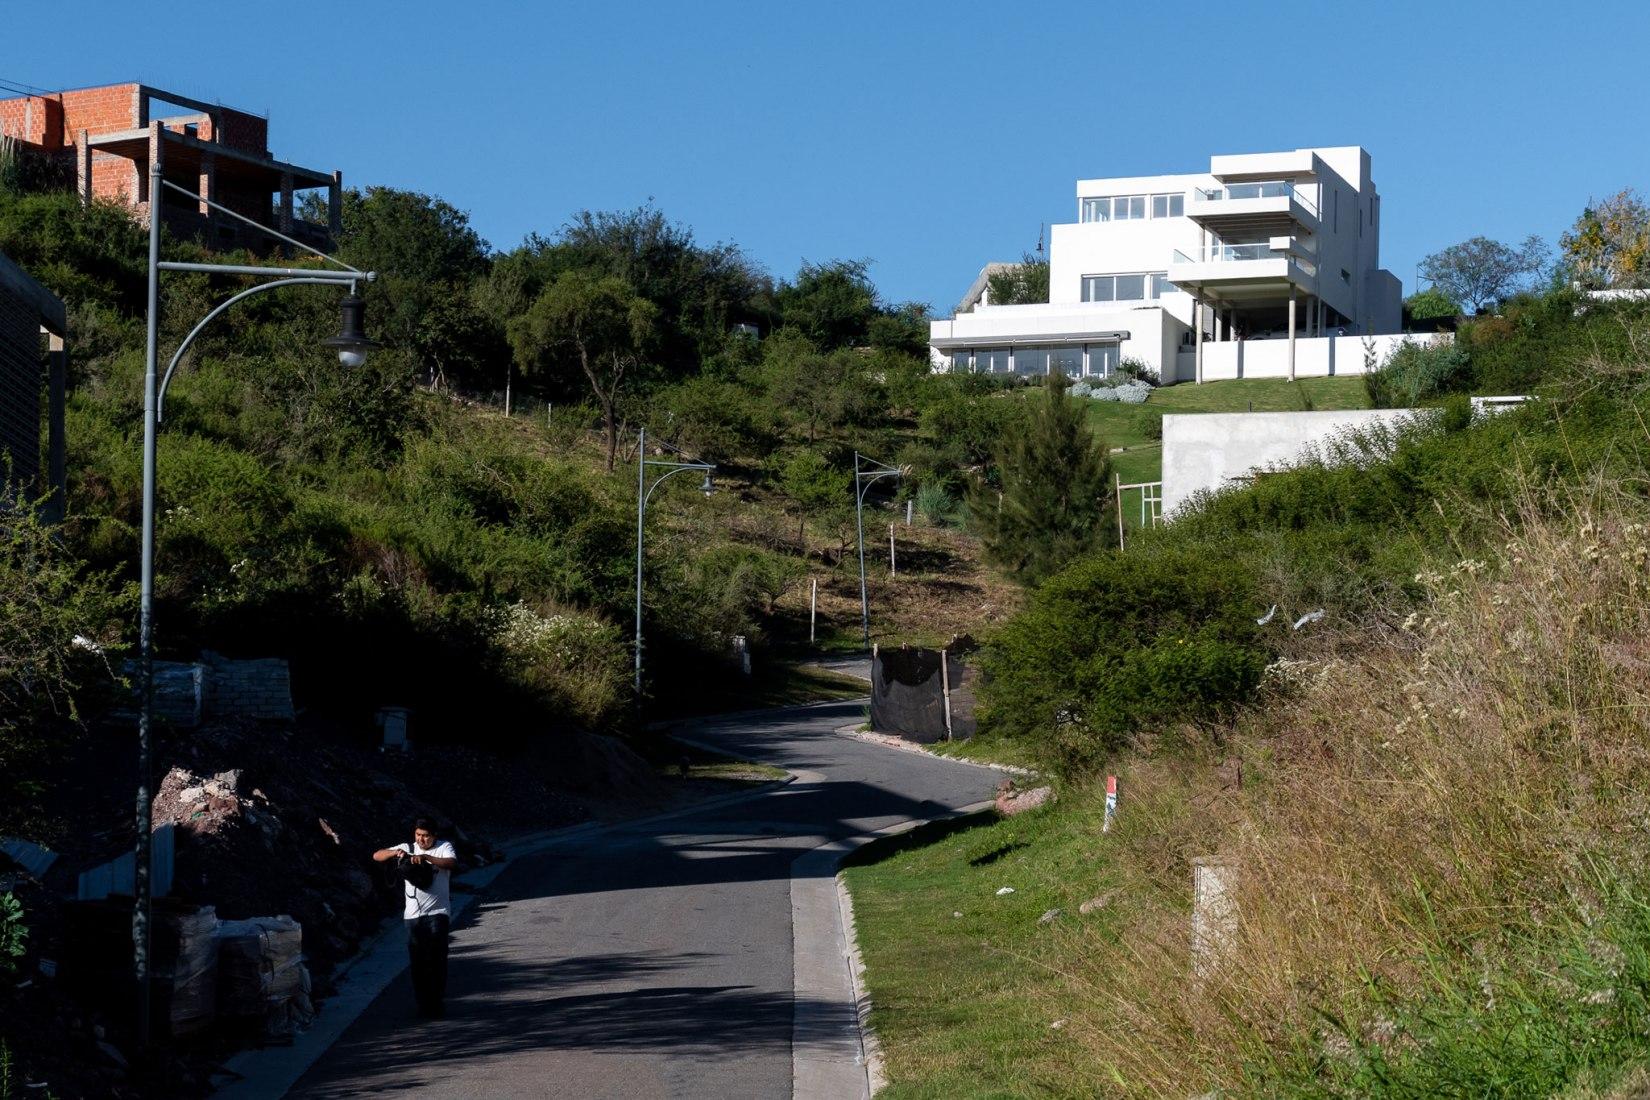 Casa VDTT por EPAA | Eguia y Papera arquitectos asociados. Fotografía de Gonzalo Viramonte.